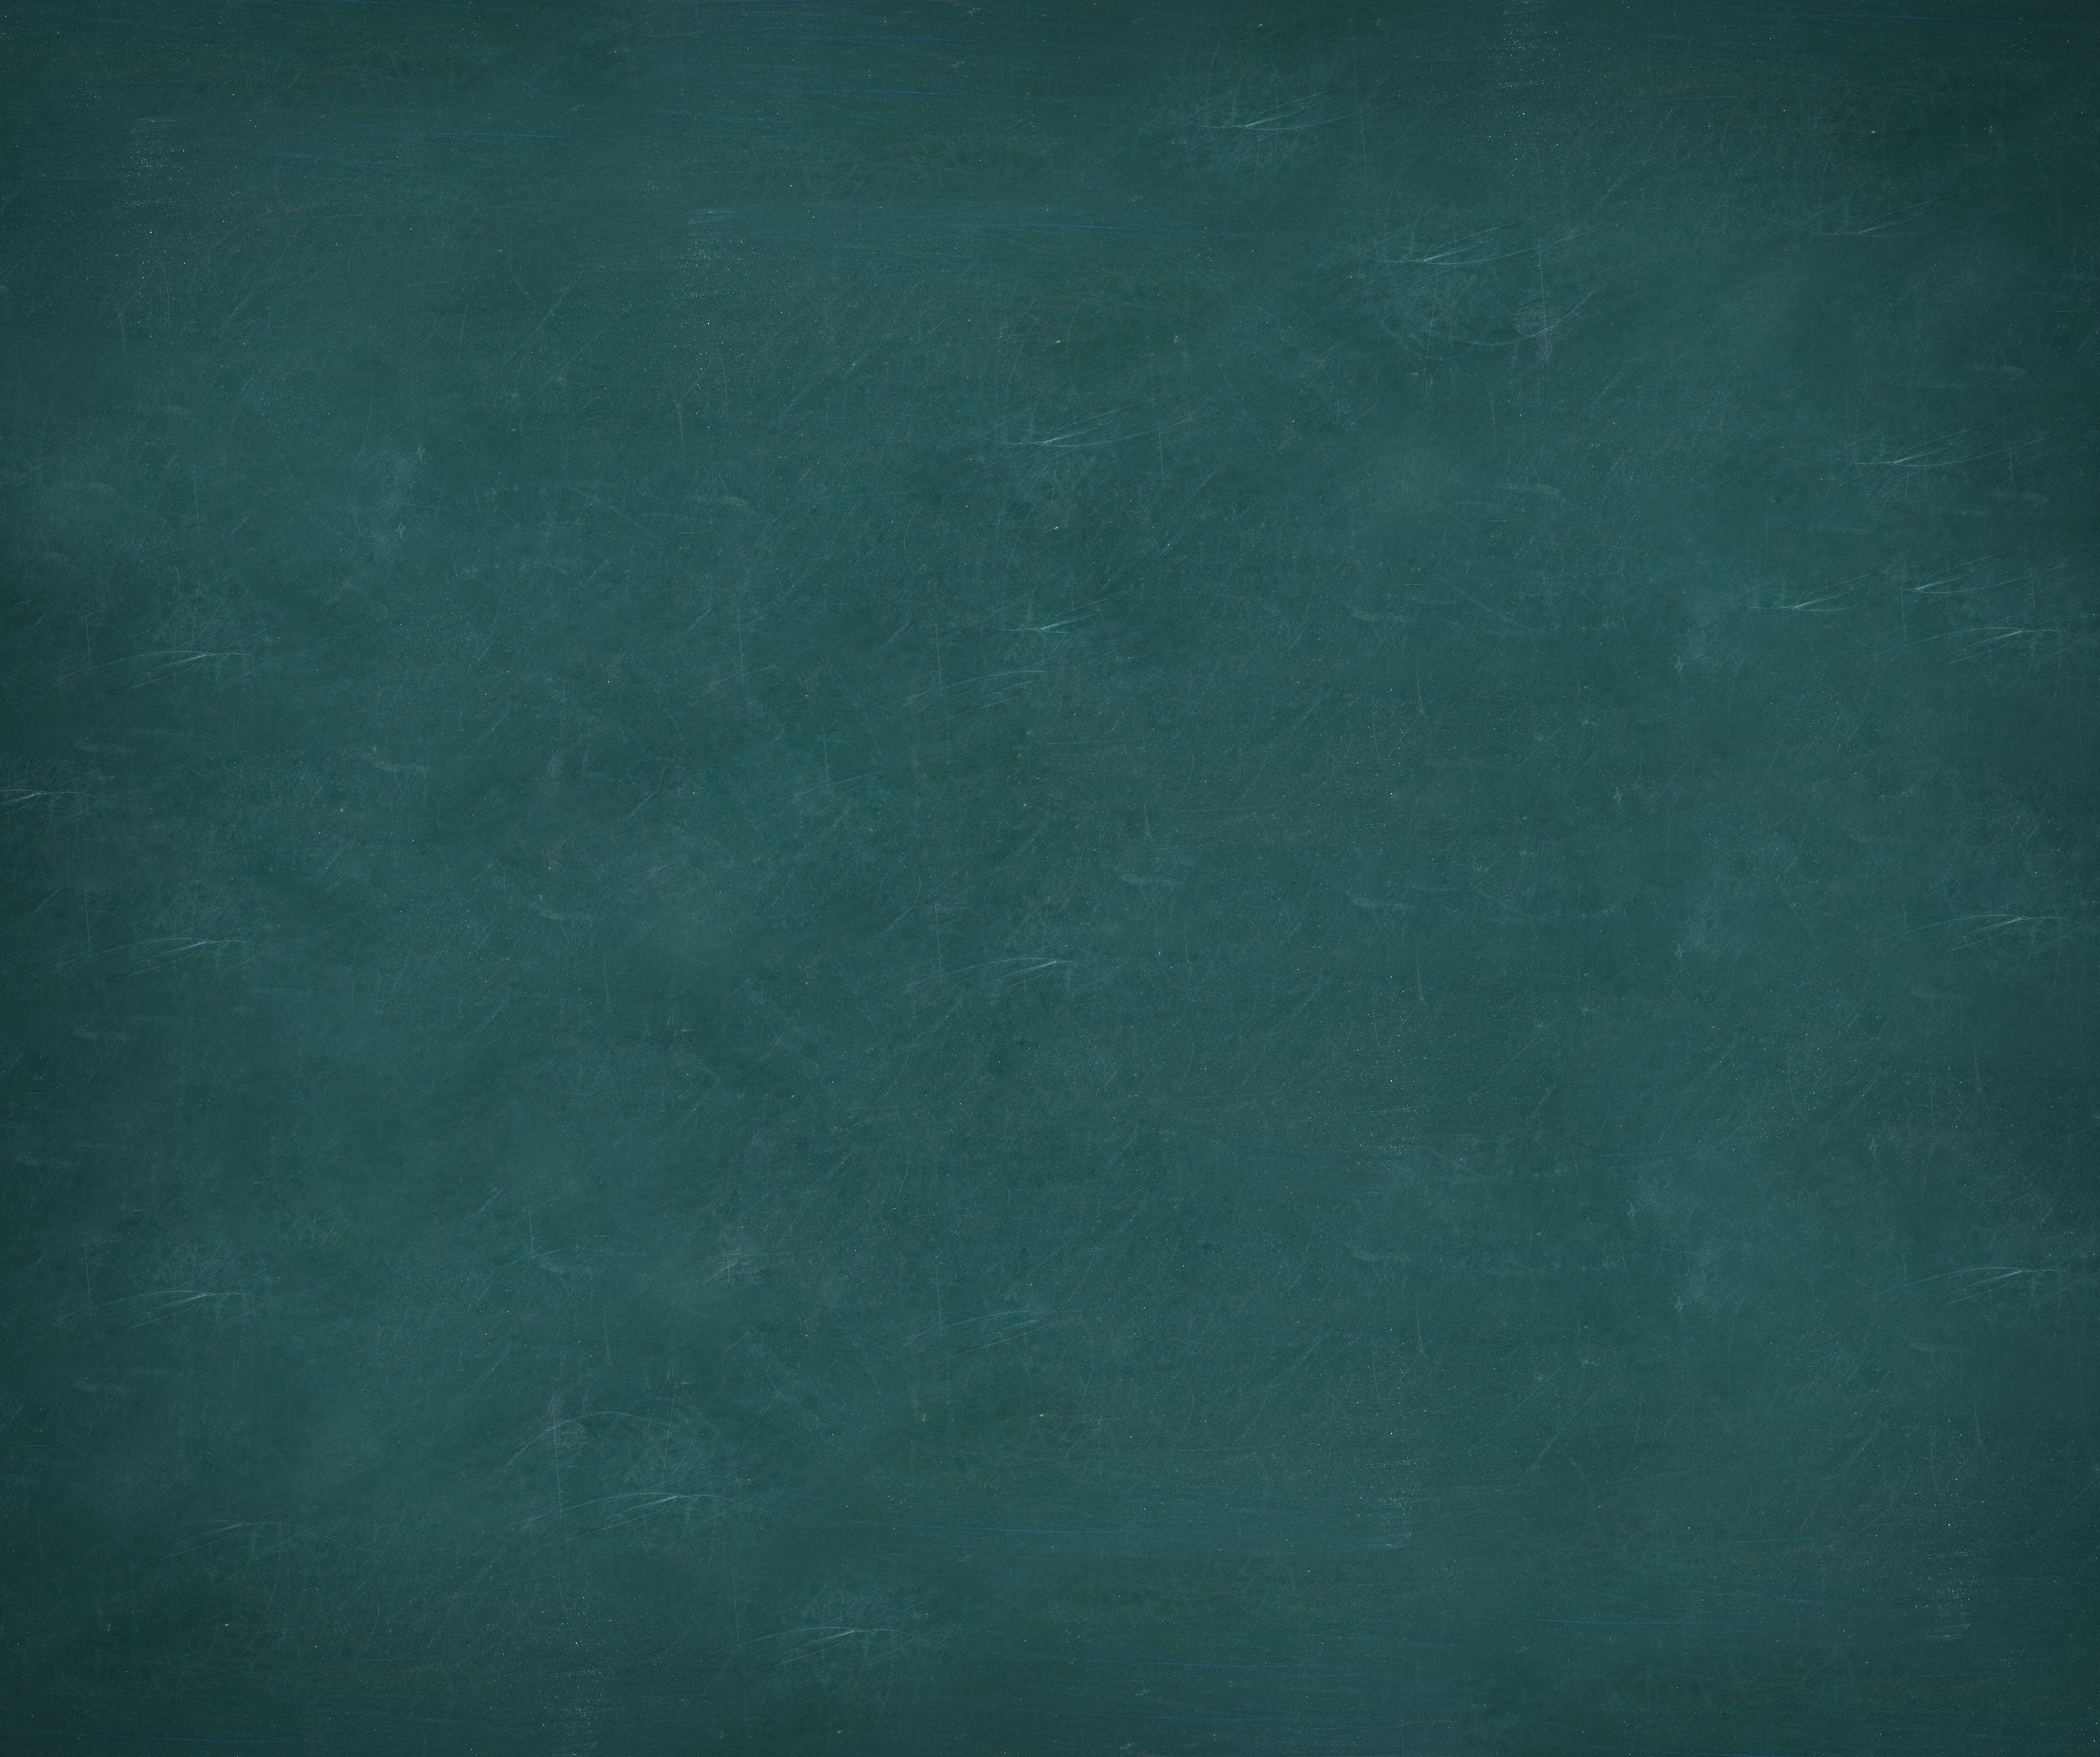 Free stock photo of blackboard